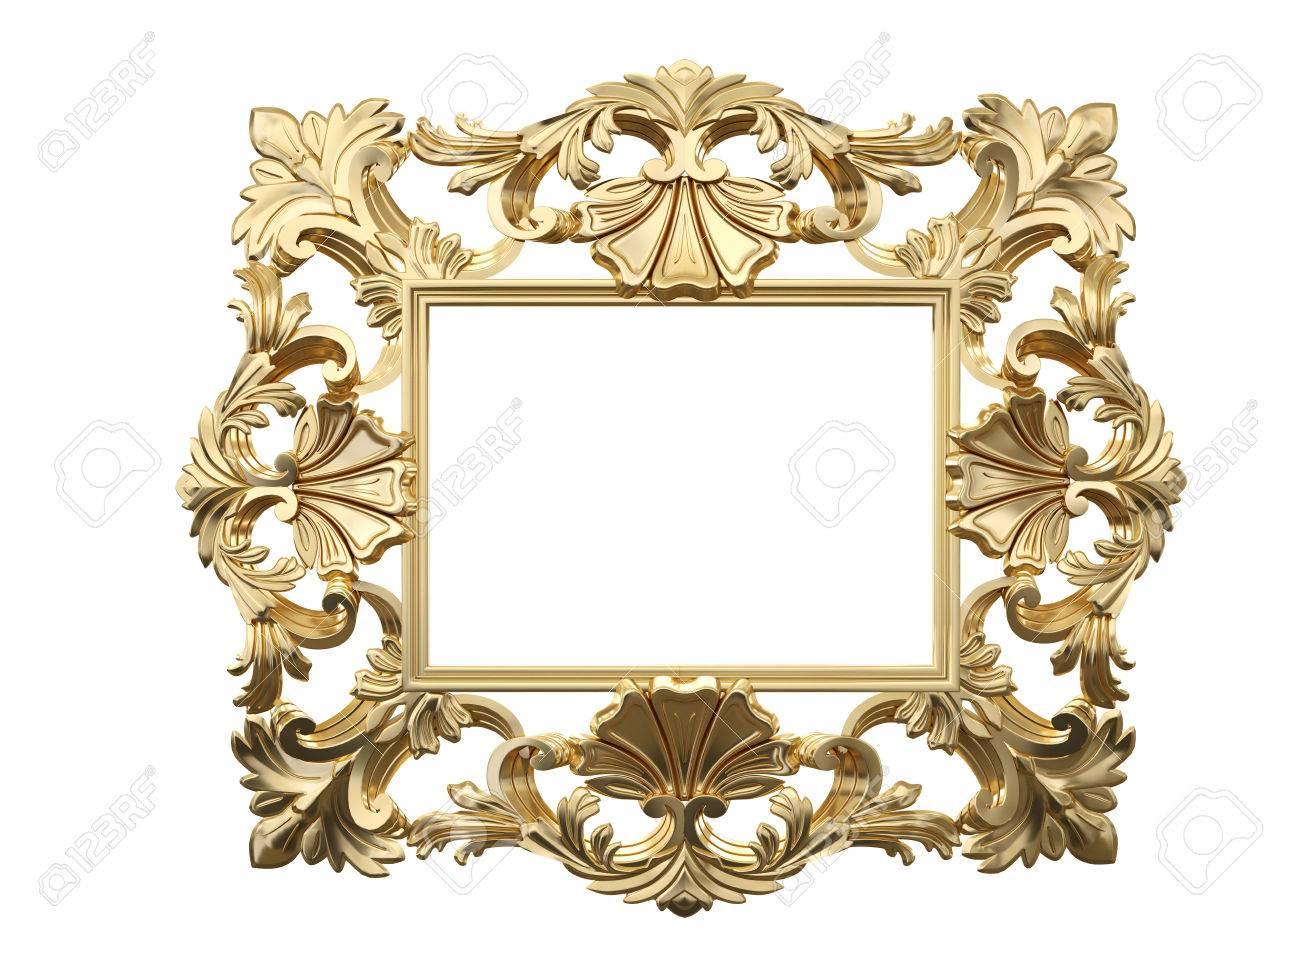 Goldenen Vintage-Rahmen, Spiegel. Design Retro-Element. Körperliche ...